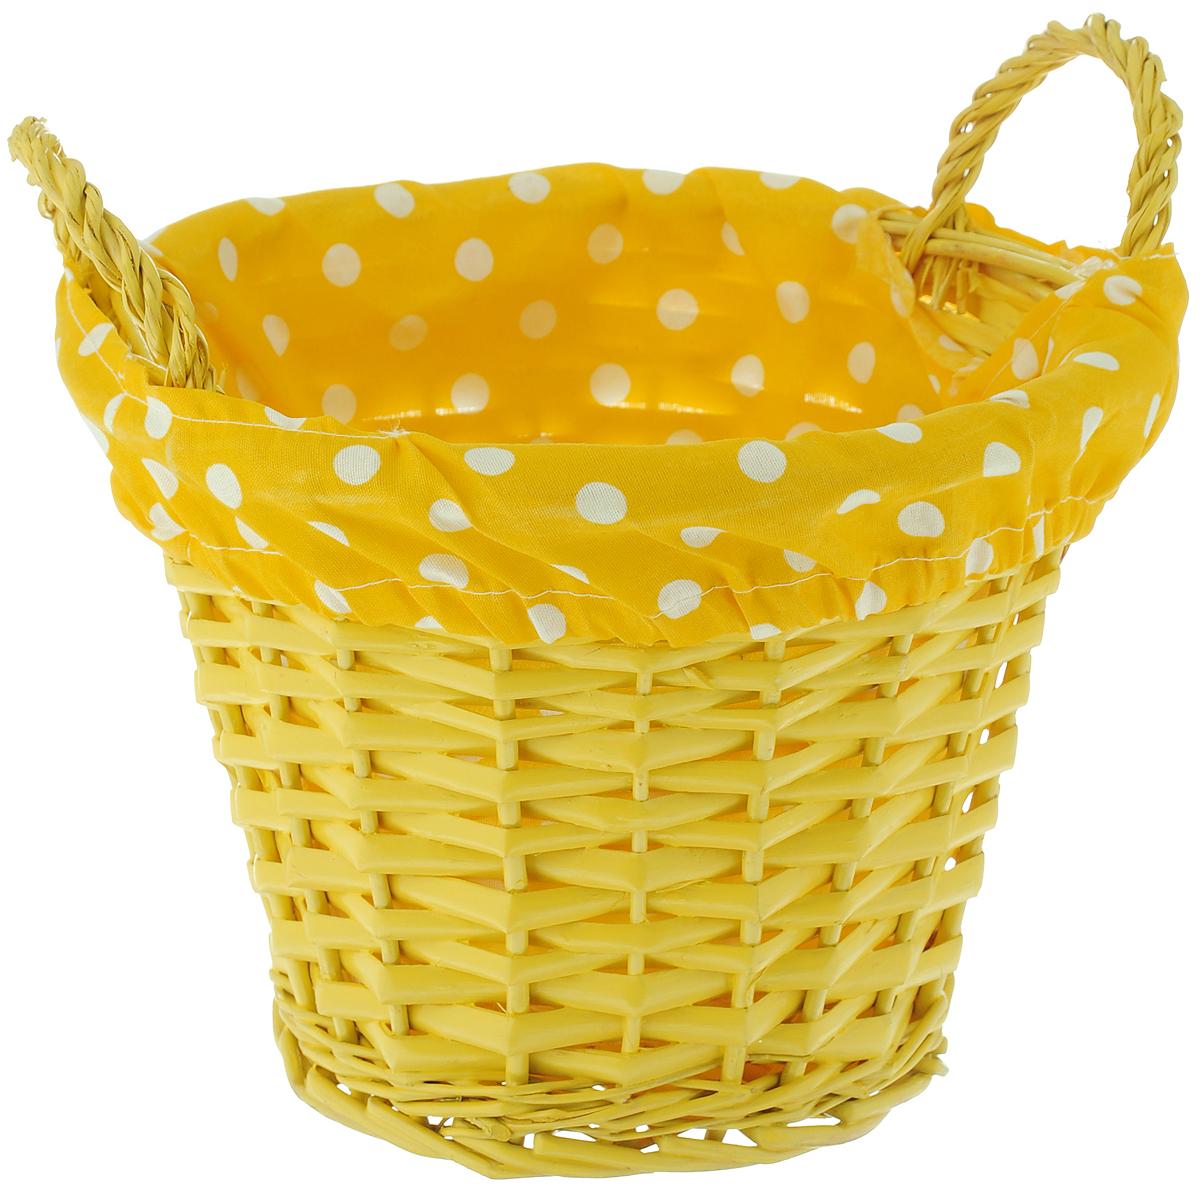 Корзина декоративная Home Queen Домашняя, цвет: желтый, 20,5 х 20,5 х 19 см66837_ желтыйДекоративная корзина Home Queen Домашняя предназначена для хранения различных мелочей. Изделие изготовлено из ивы, а внутренняя поверхность обтянута яркой подкладкой из полиэстера. Корзина оснащена двумя удобными плетеными ручками. Такая оригинальная корзина станет интересным и необычным подарком или украшением интерьера. Материал: ива, полиэстер. Размер (с учетом ручек): 20,5 х 20,5 х 19 см. Диаметр дна: 12,5 см.